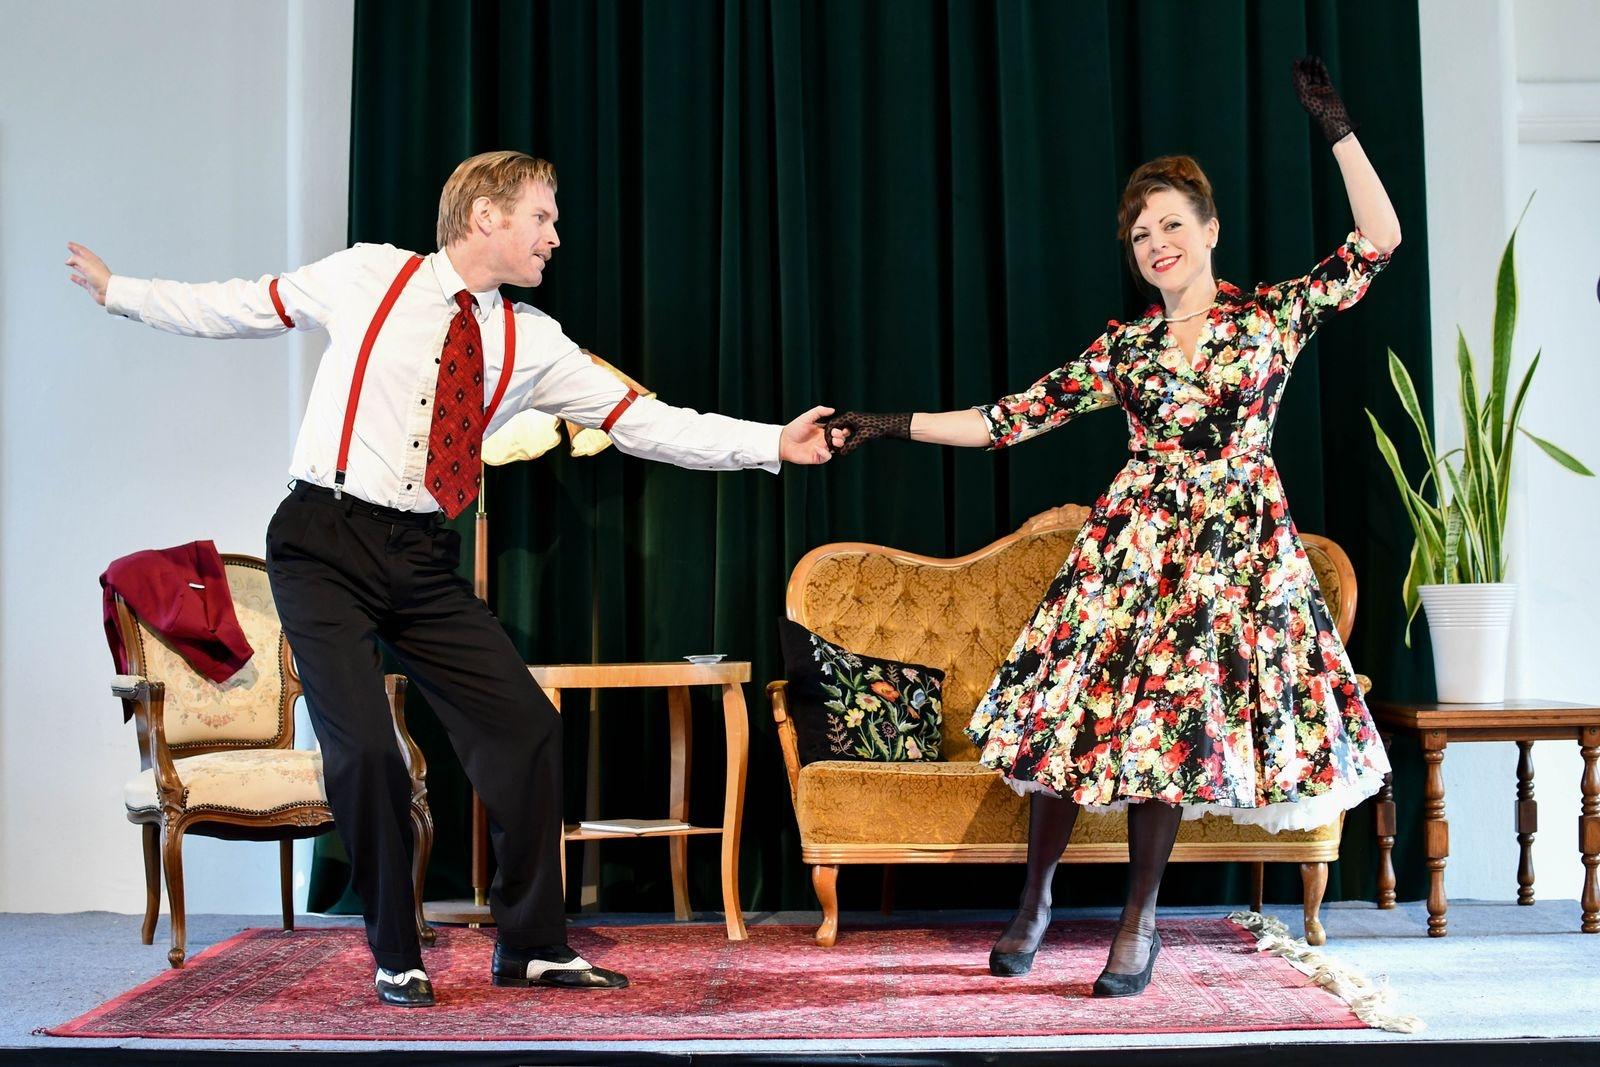 För första gången blir det inslag av dans i mordgåtan när Jerry Segerberg och Linamaria Bengtsson bjuder upp till fartfylld Lindy hop.